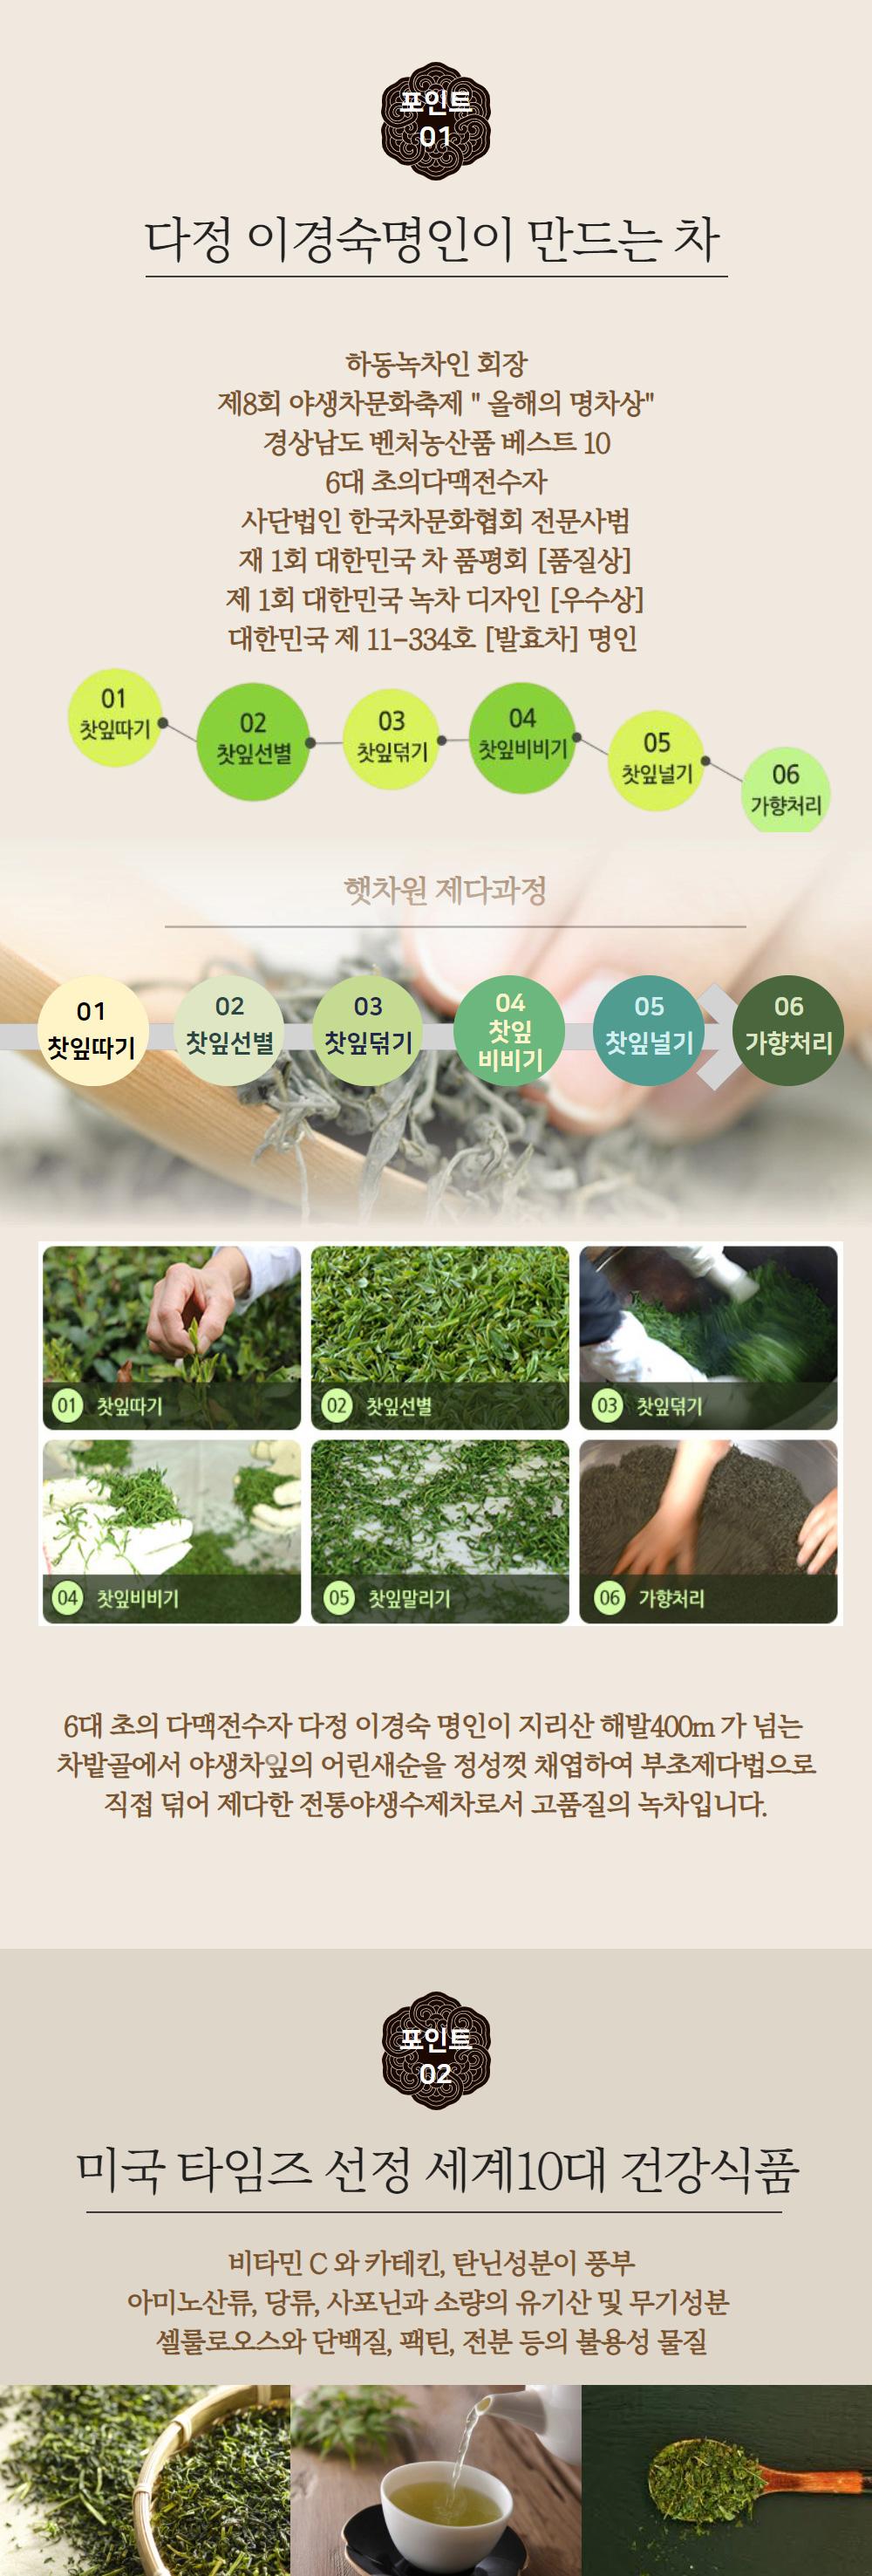 (농업회사법인슬로푸드)제품1_우전01_02.jpg